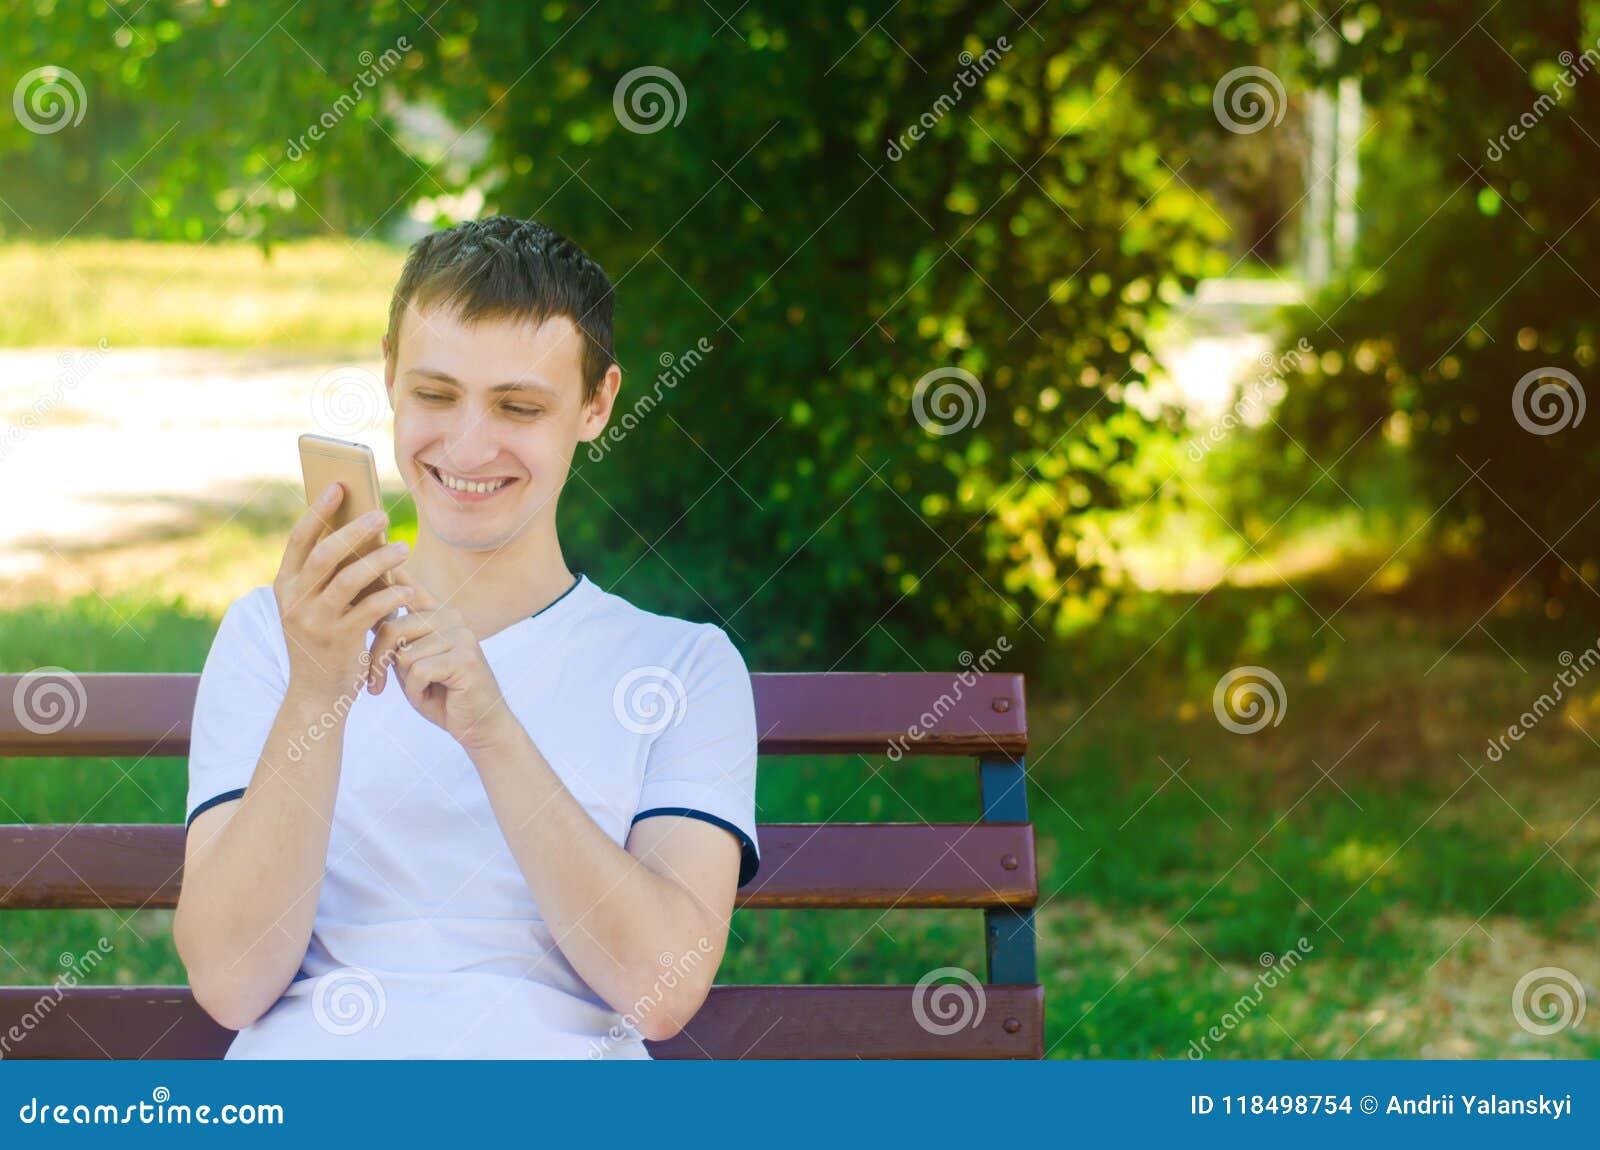 Молодой европейский парень сидит на стенде в парке города и указывает палец на телефон Человек усмехается смотрящ телефон офис bu